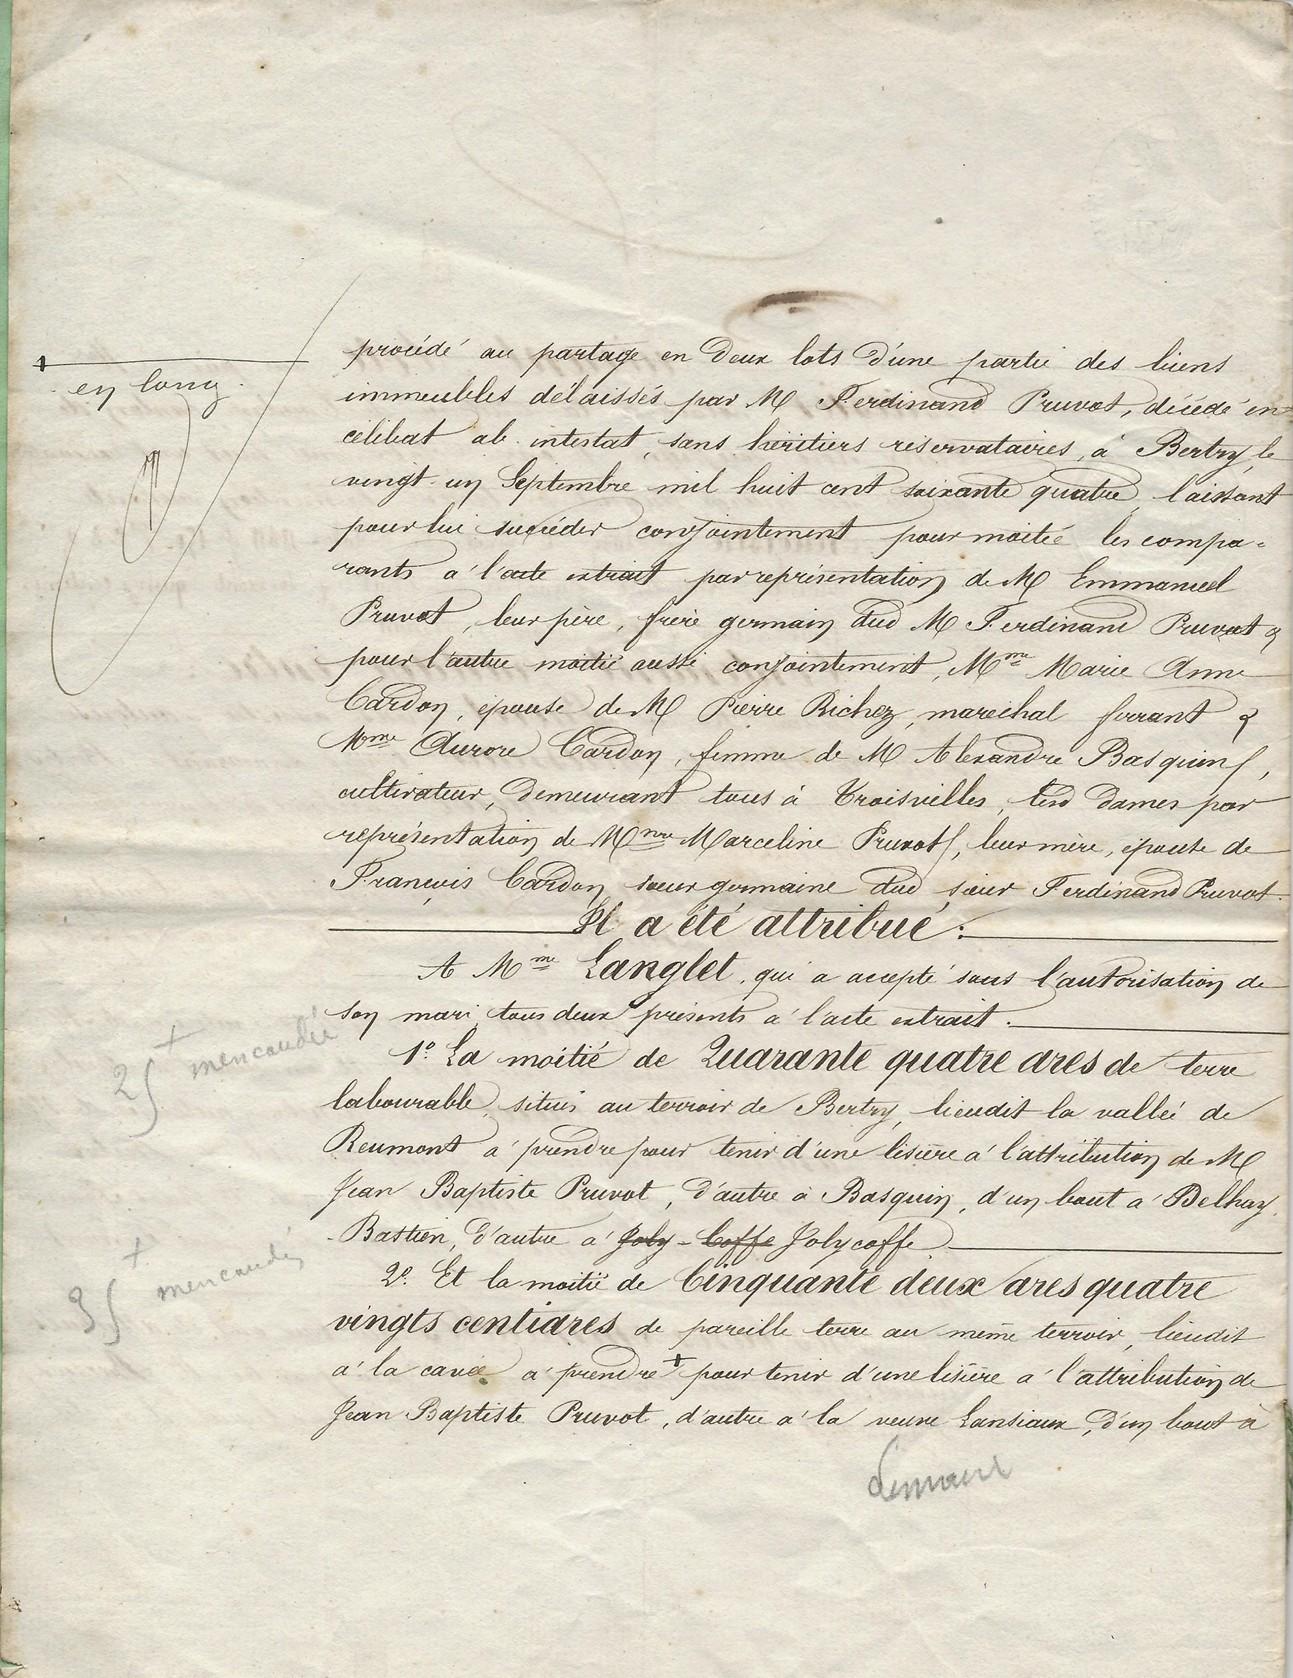 1864 succession partage de ferdinant pruvot 002